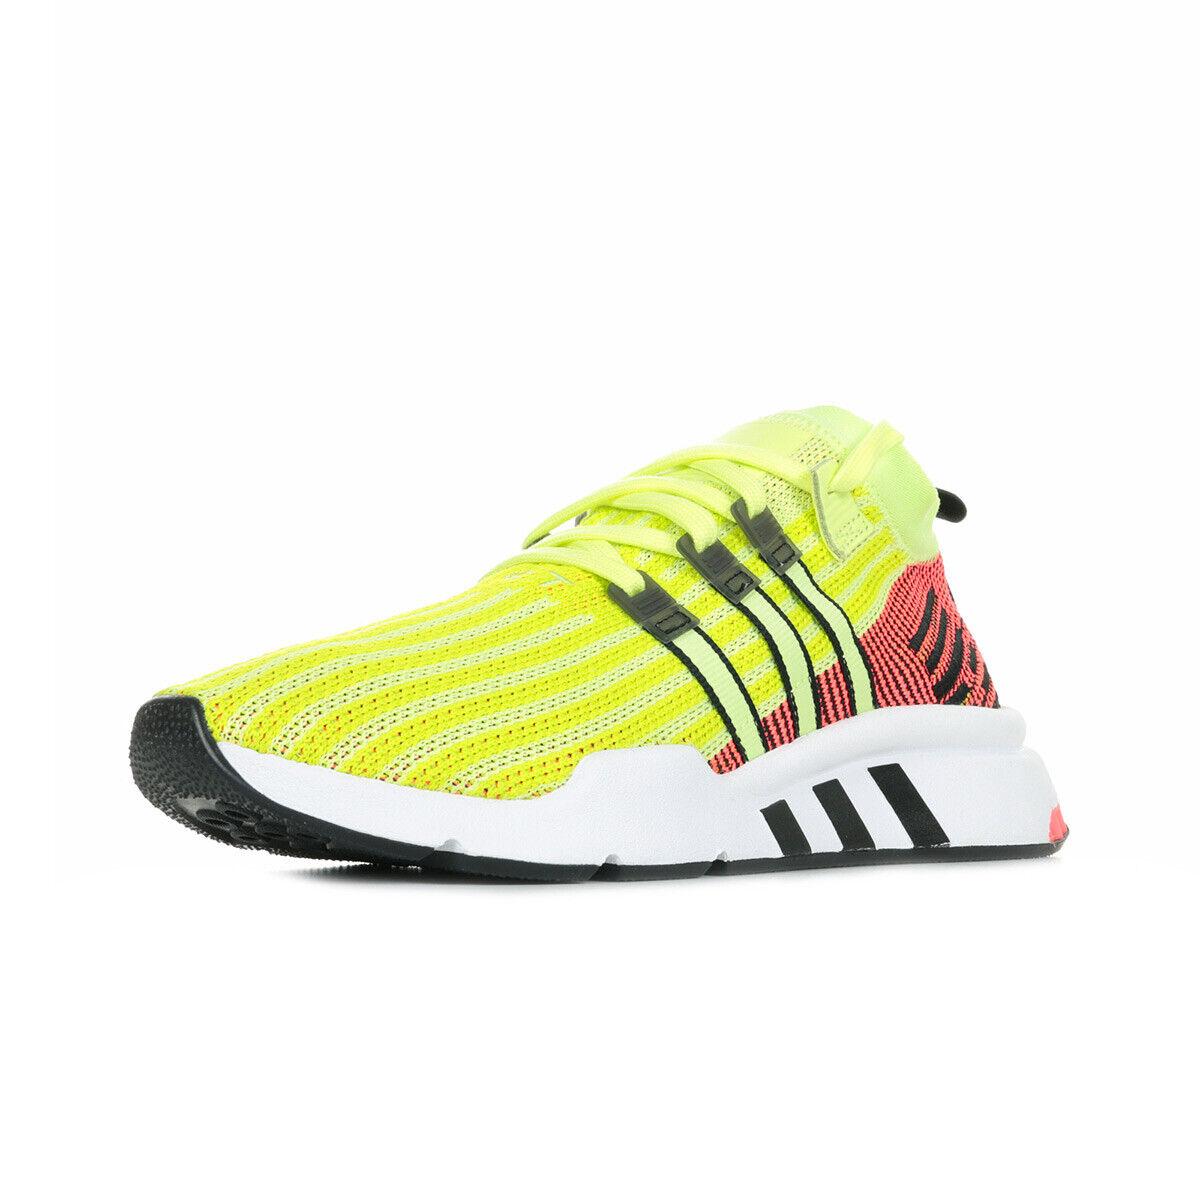 Schuhe adidas Herren EQT Support Mid Adv Primeknit gelb